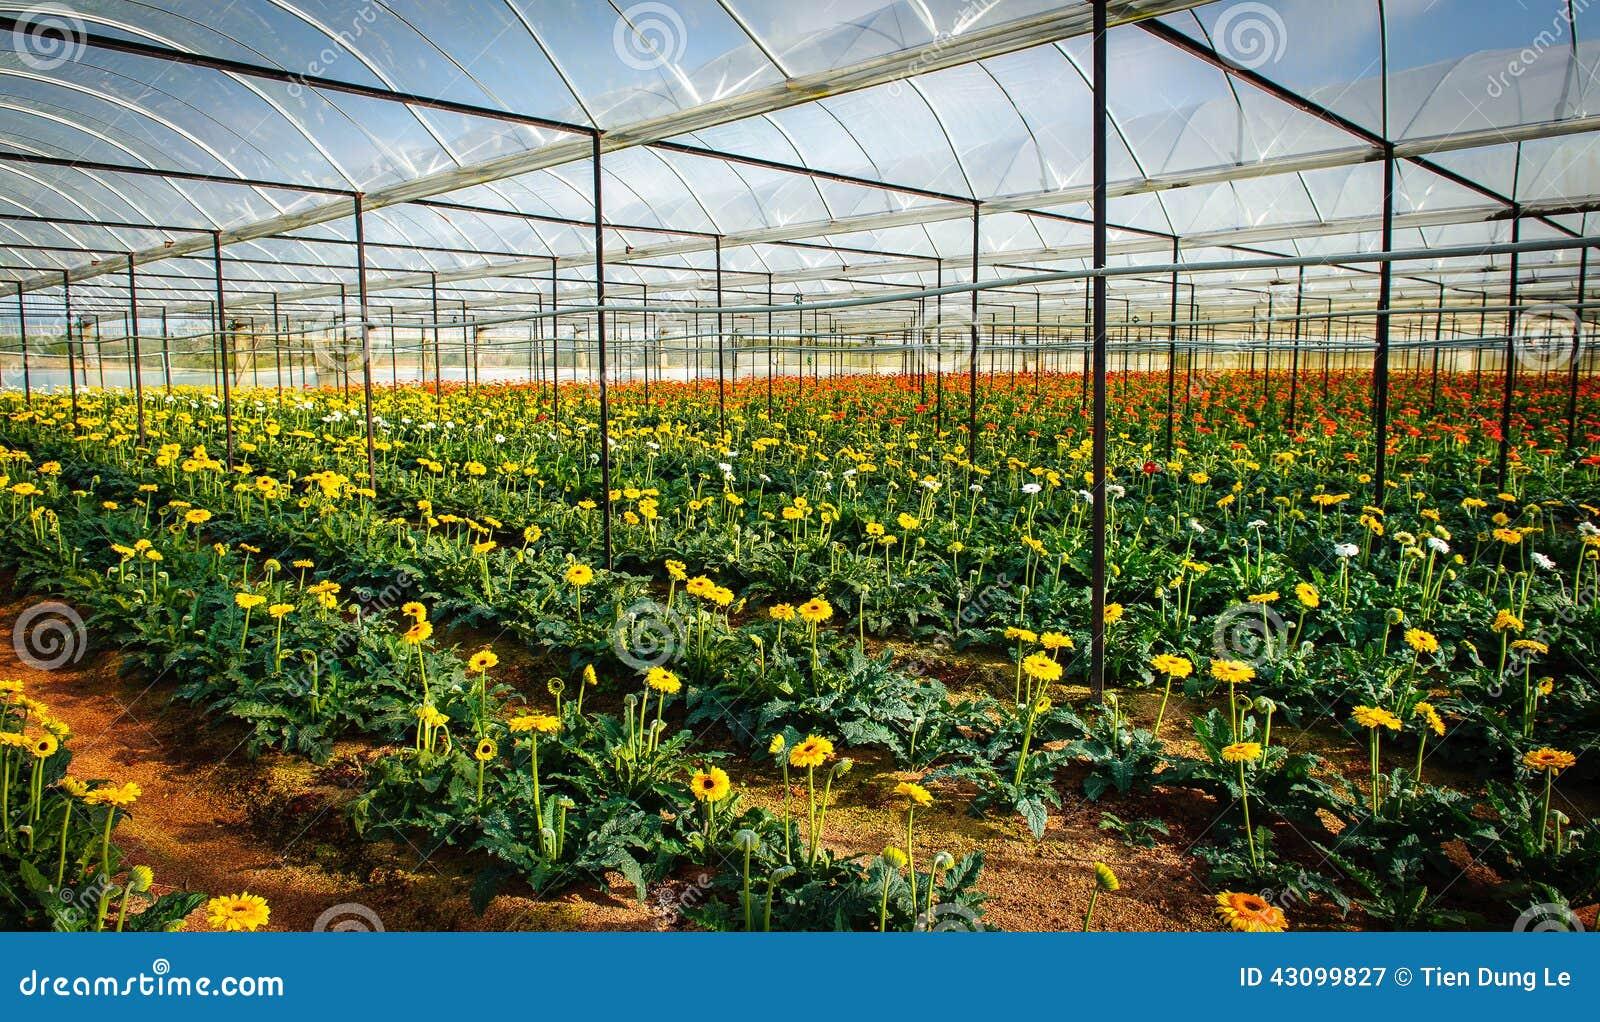 Pflanzen Von Blumen Im Gewachshaus Stockbild Bild Von Ethnicity